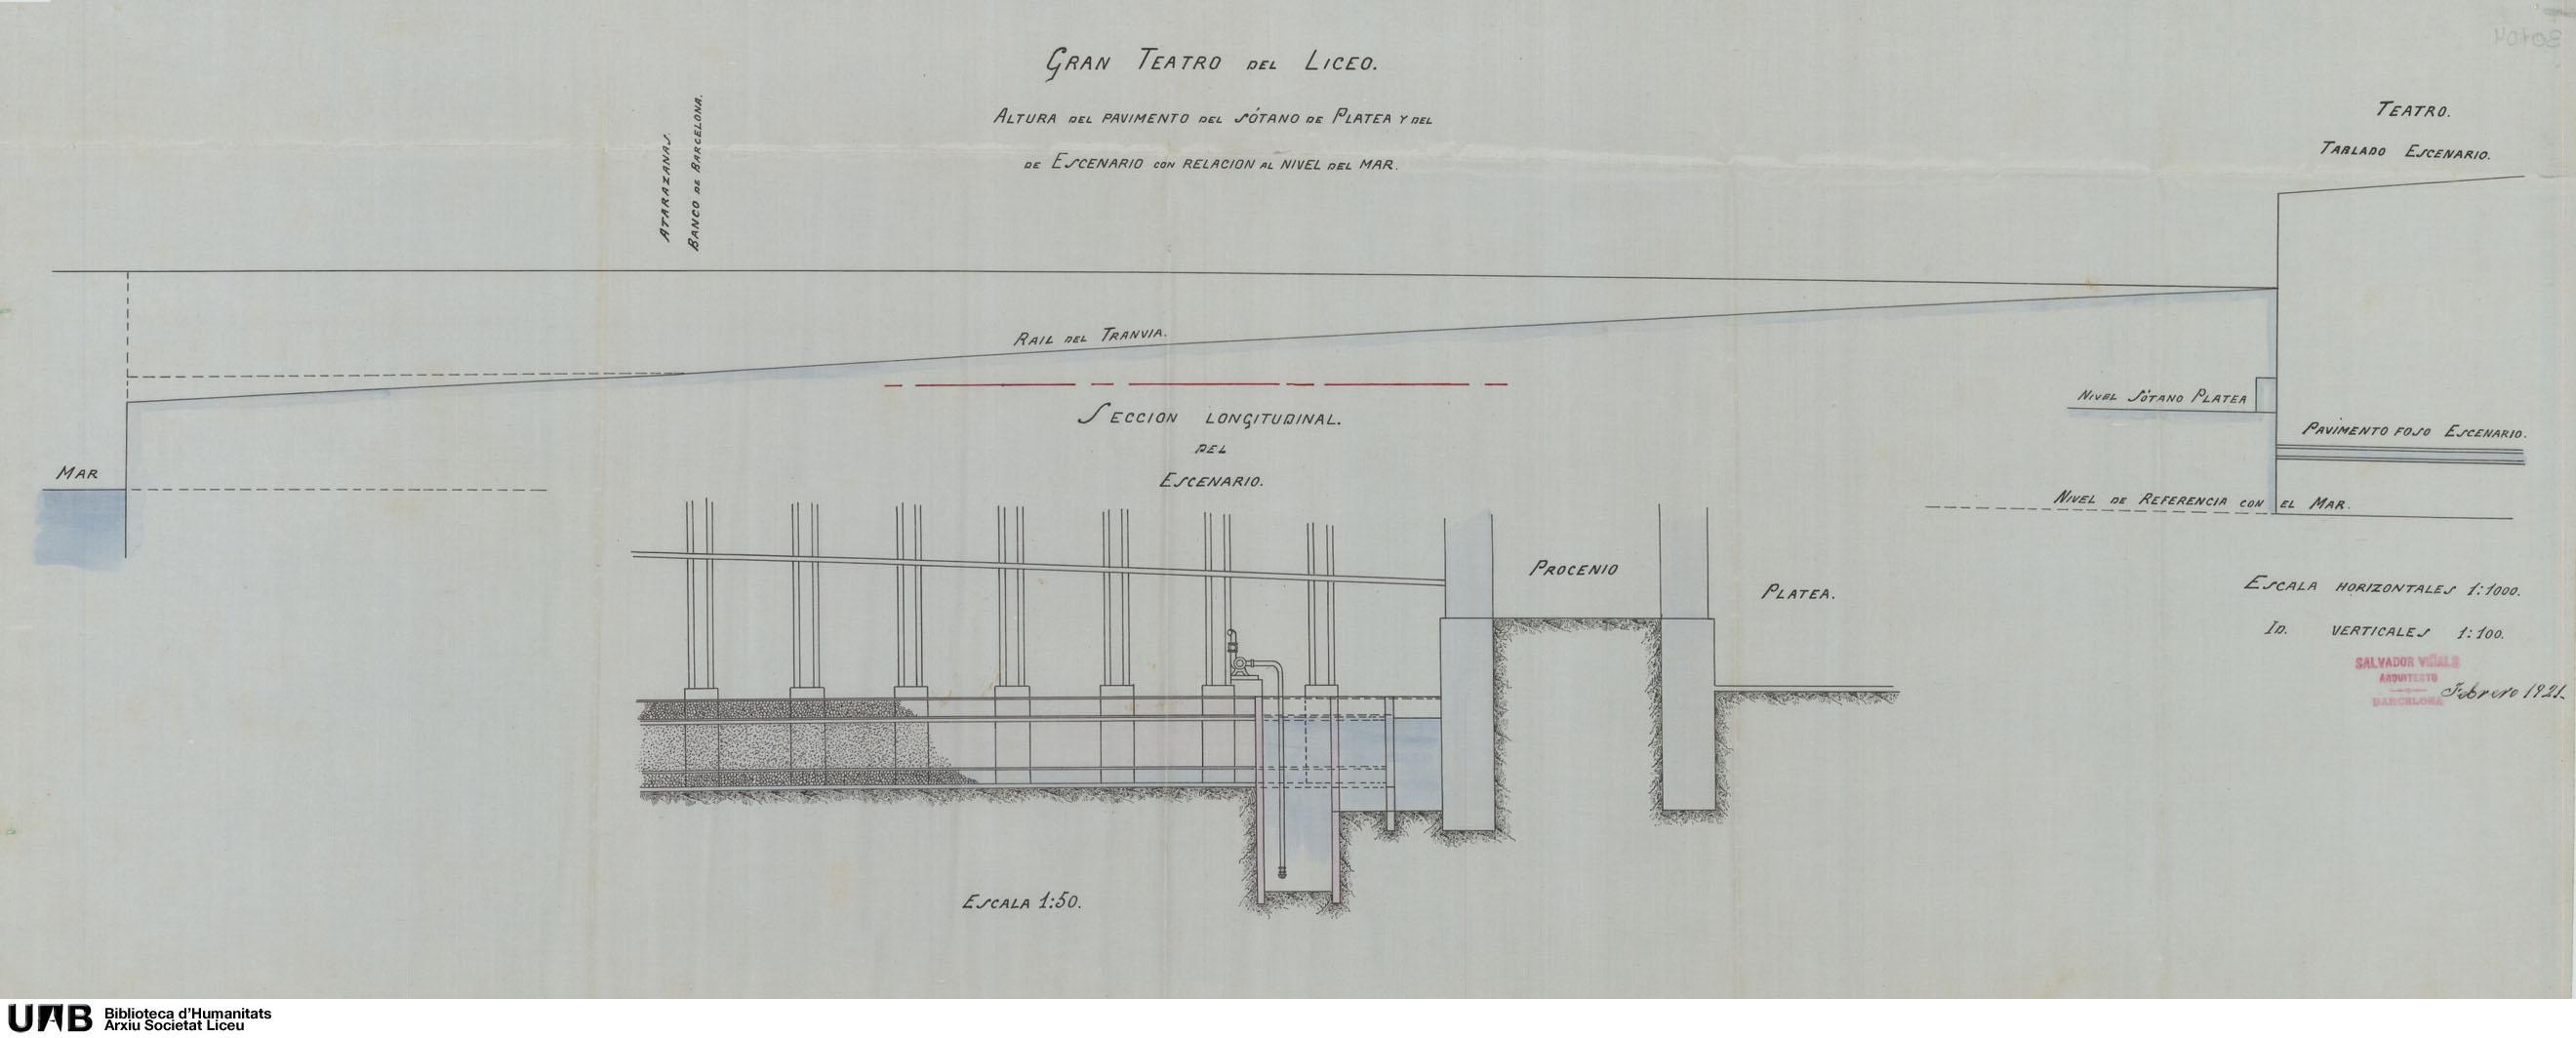 Altura del pavimento del sótano de platea y del escenario con relación al nivel del mar